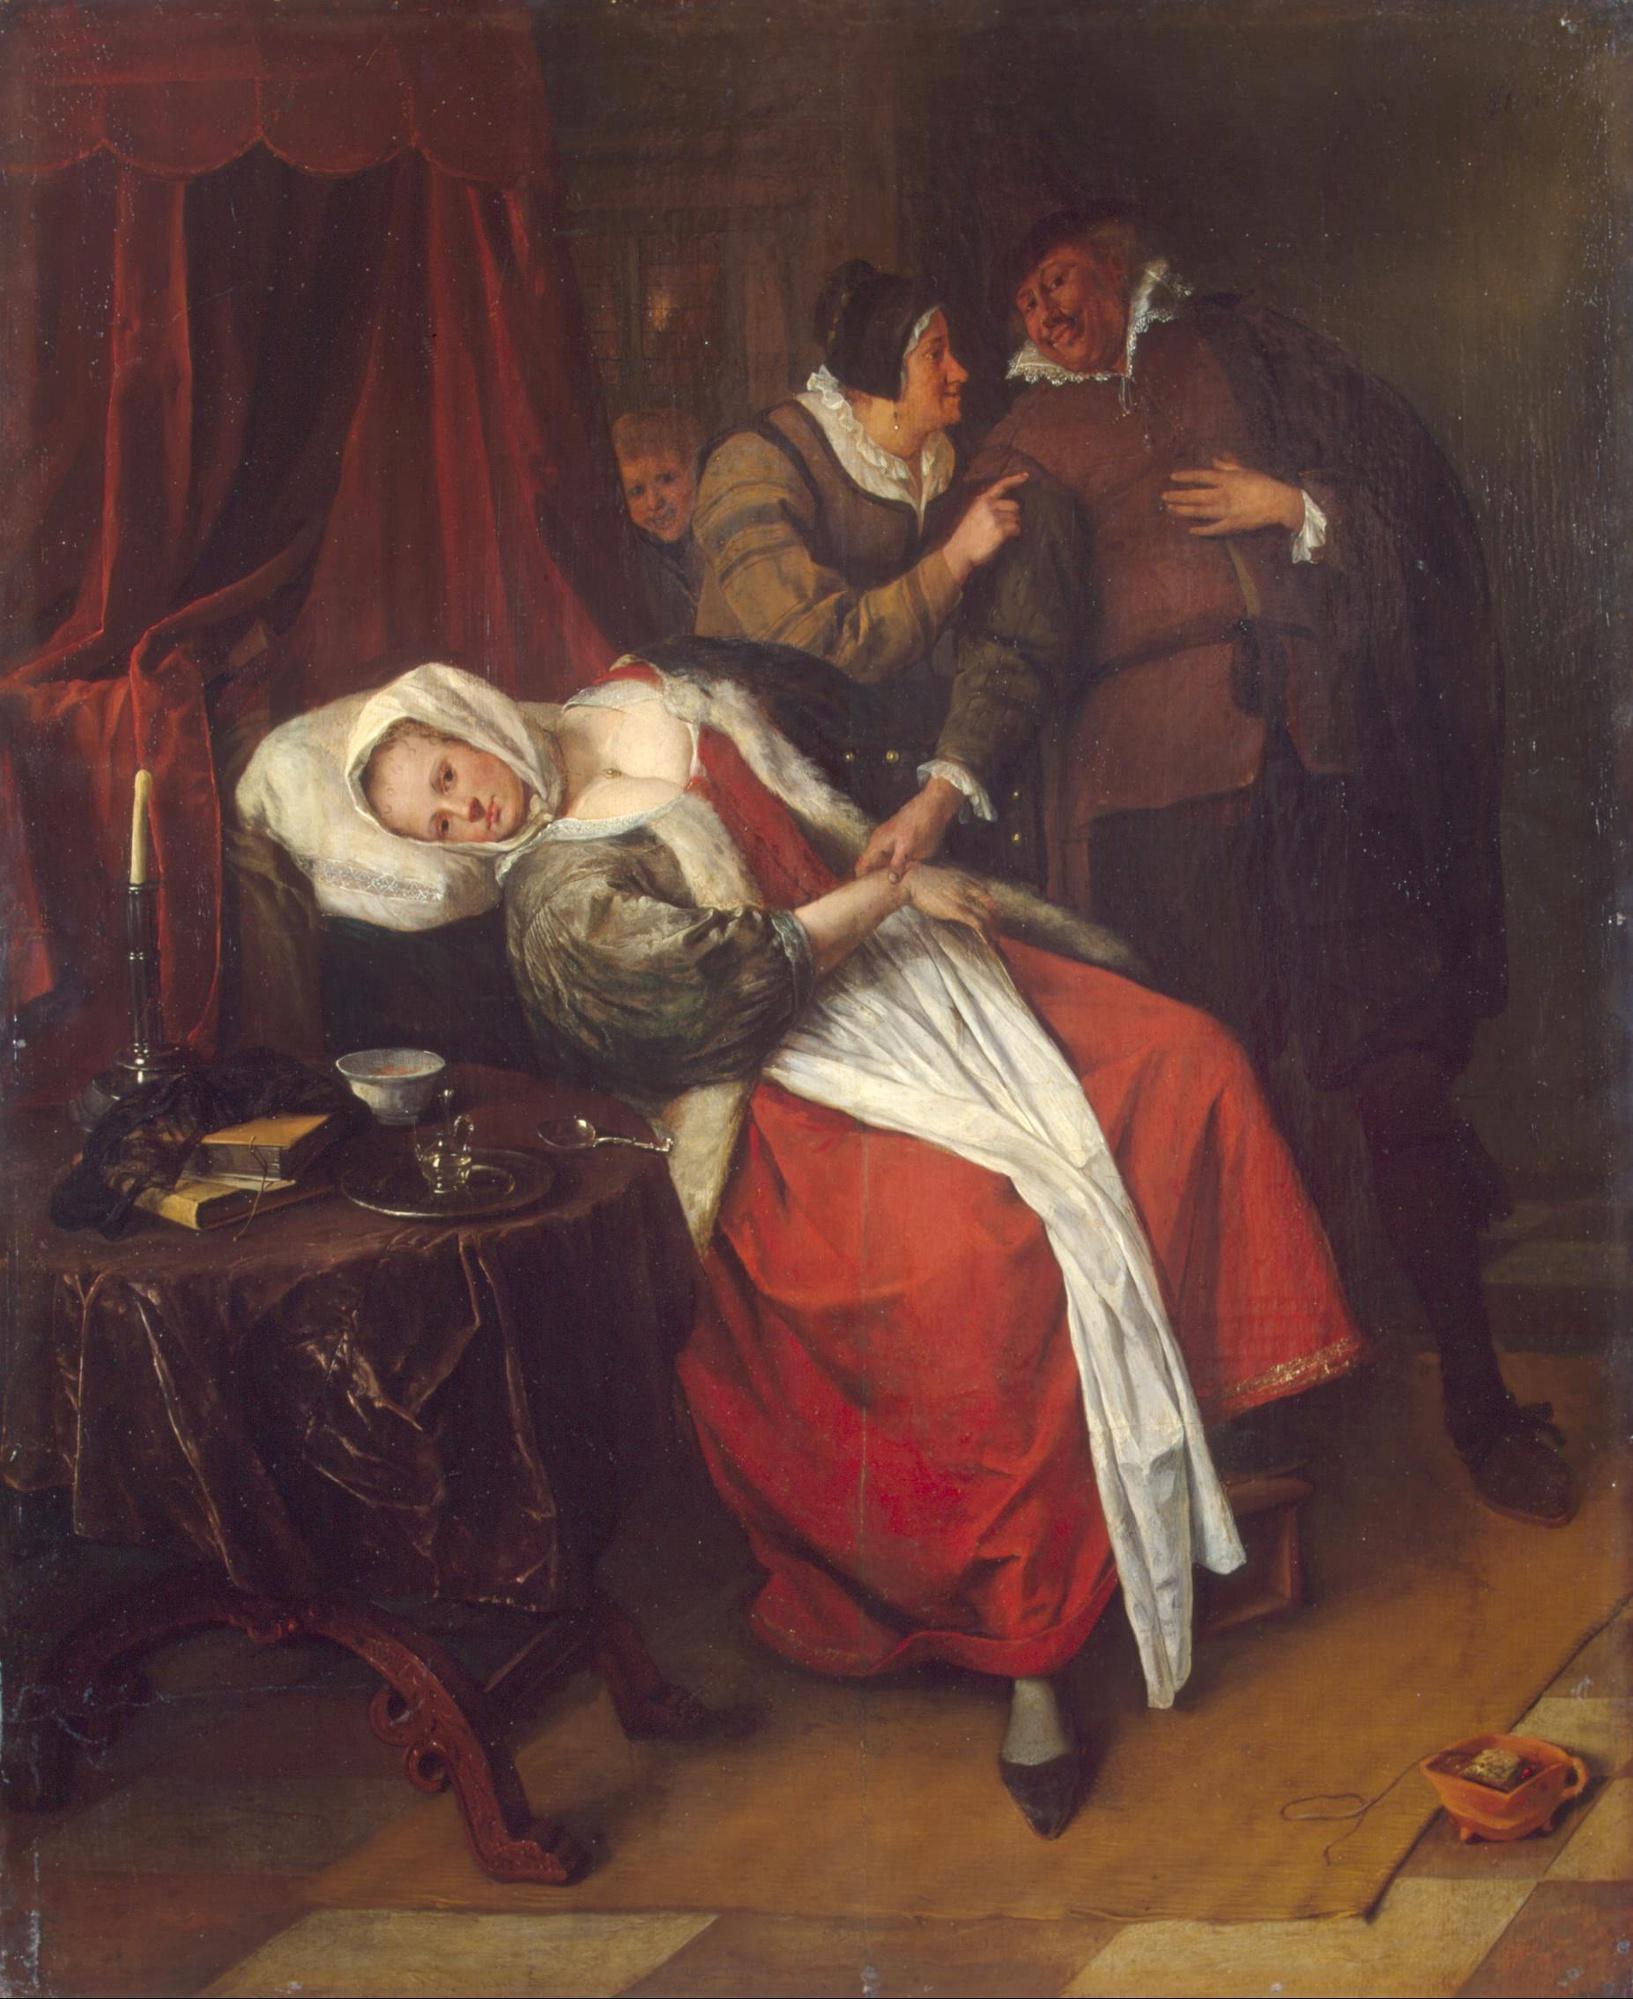 Ян Стен. Больная и врач. Ок. 1660